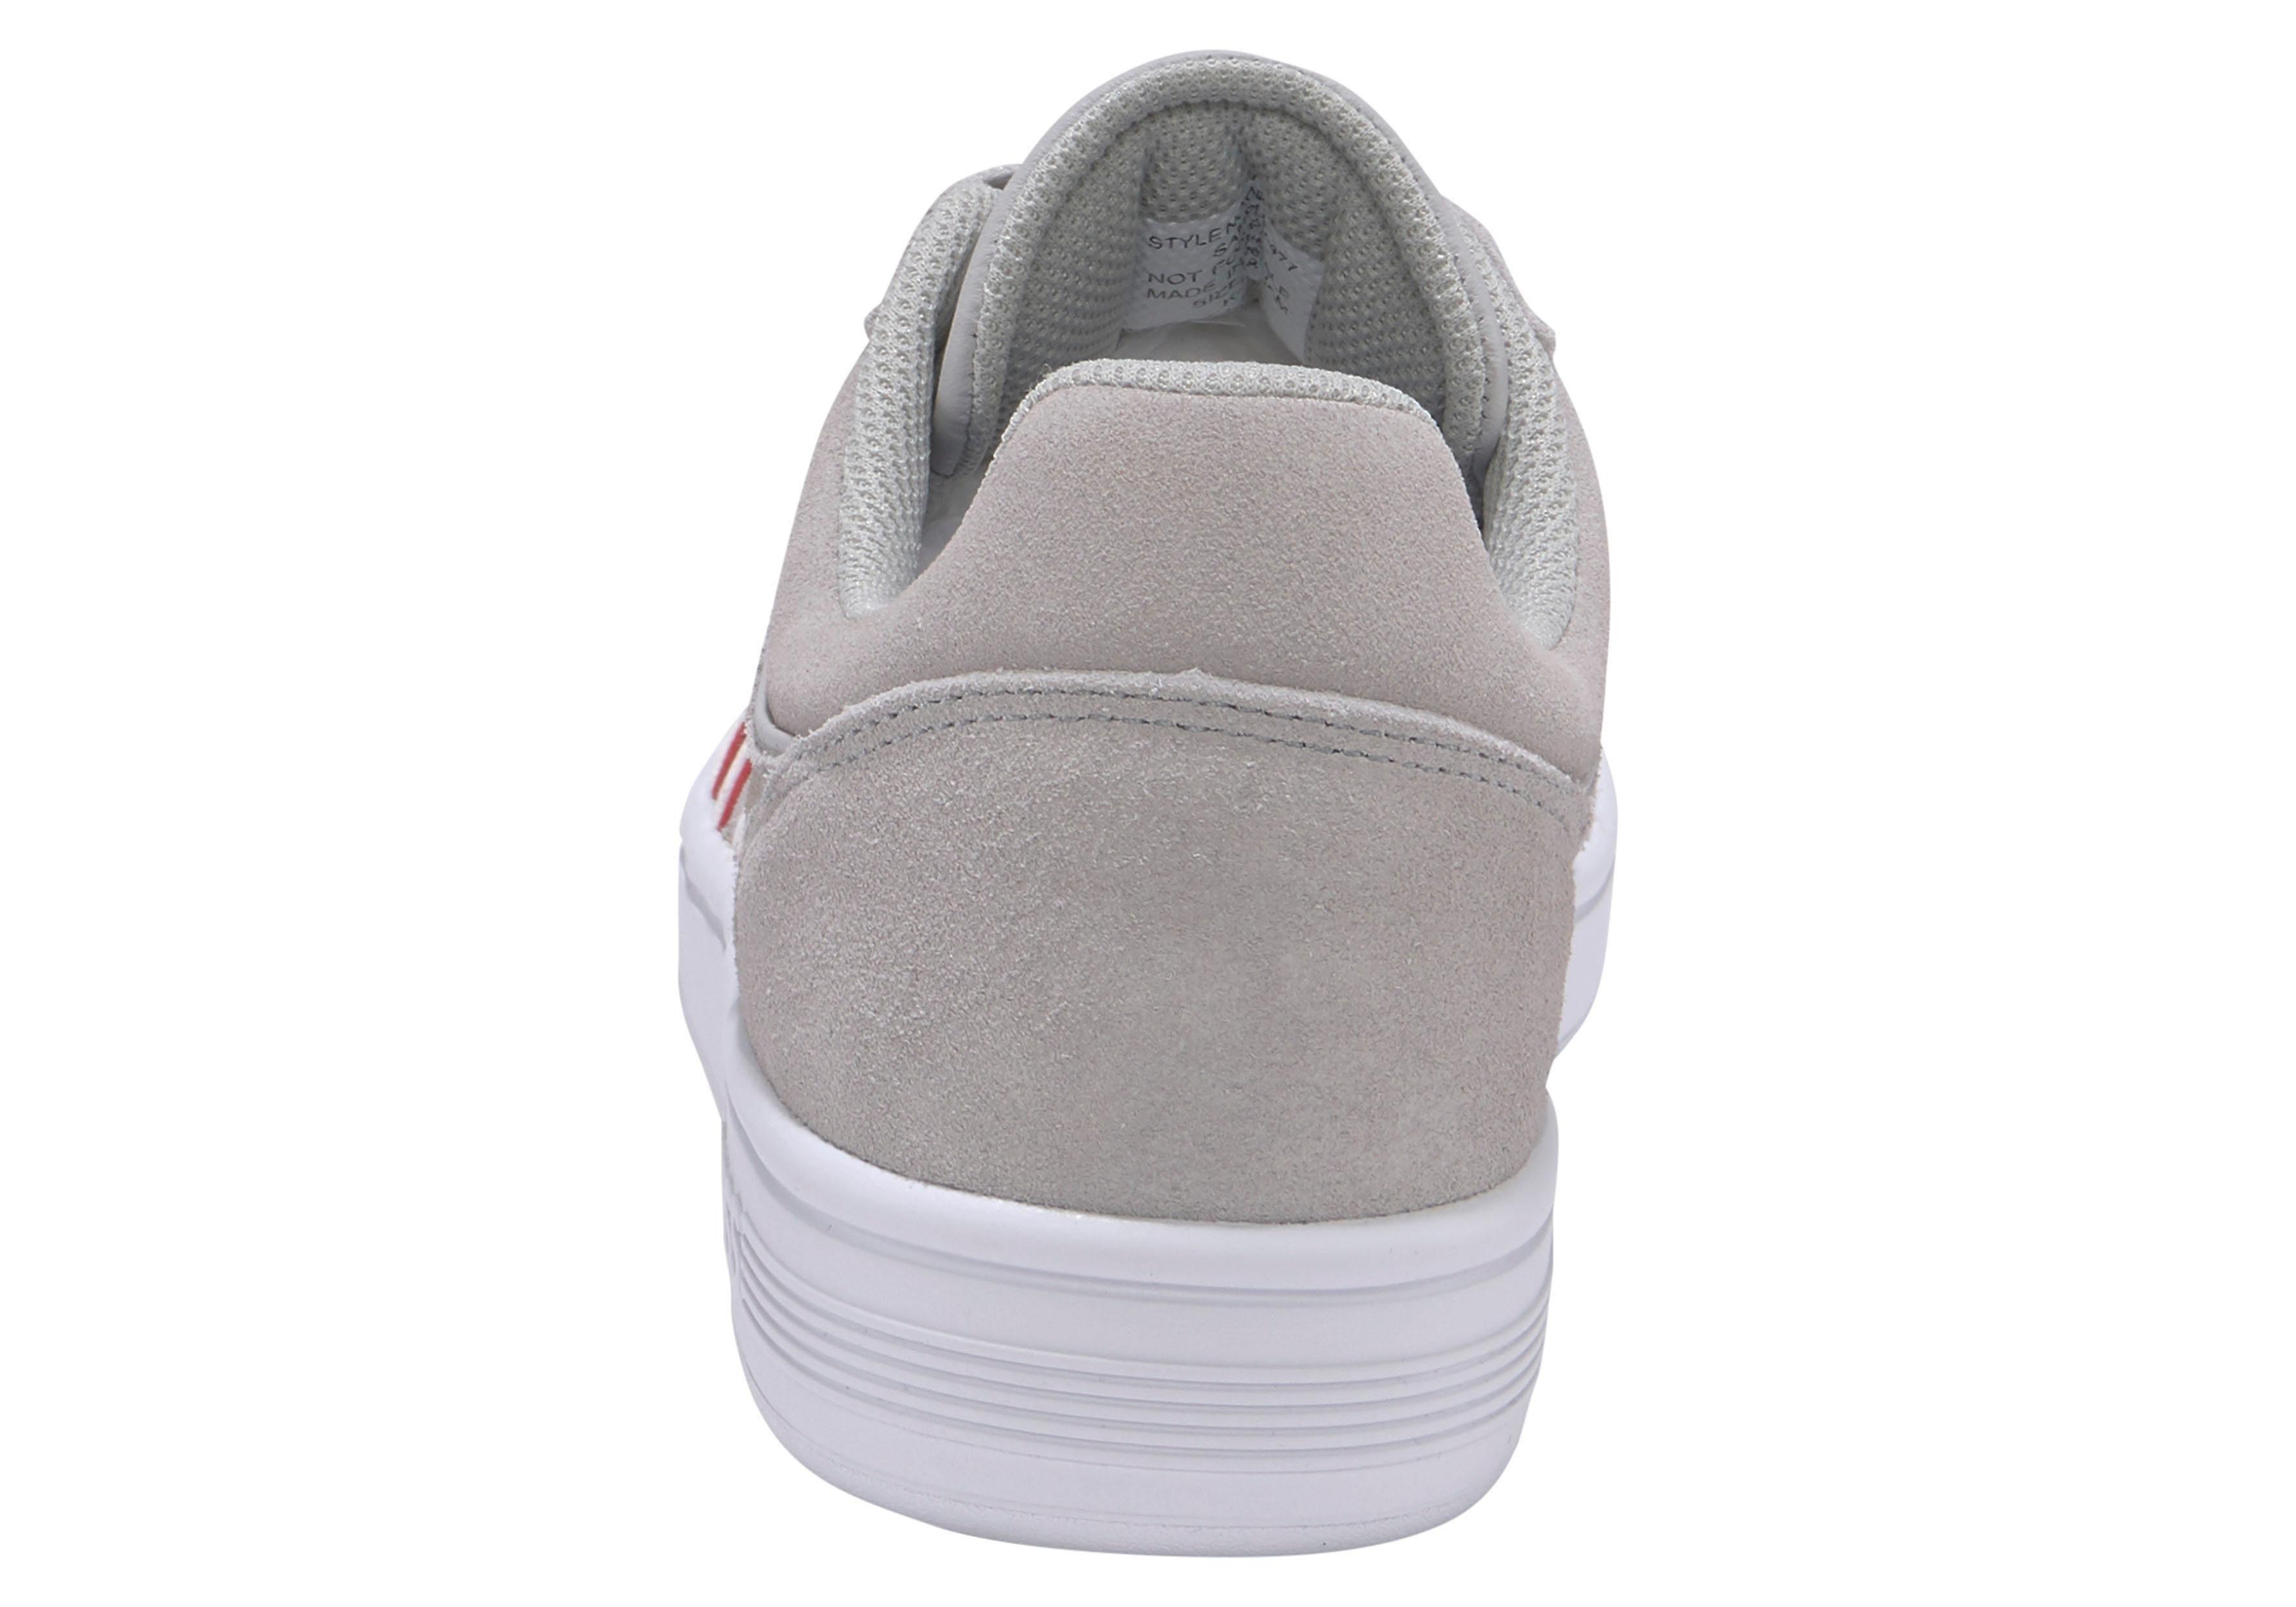 K-swiss Sneakers Court Cheswick Sp Sde M Online Bij - Geweldige Prijs